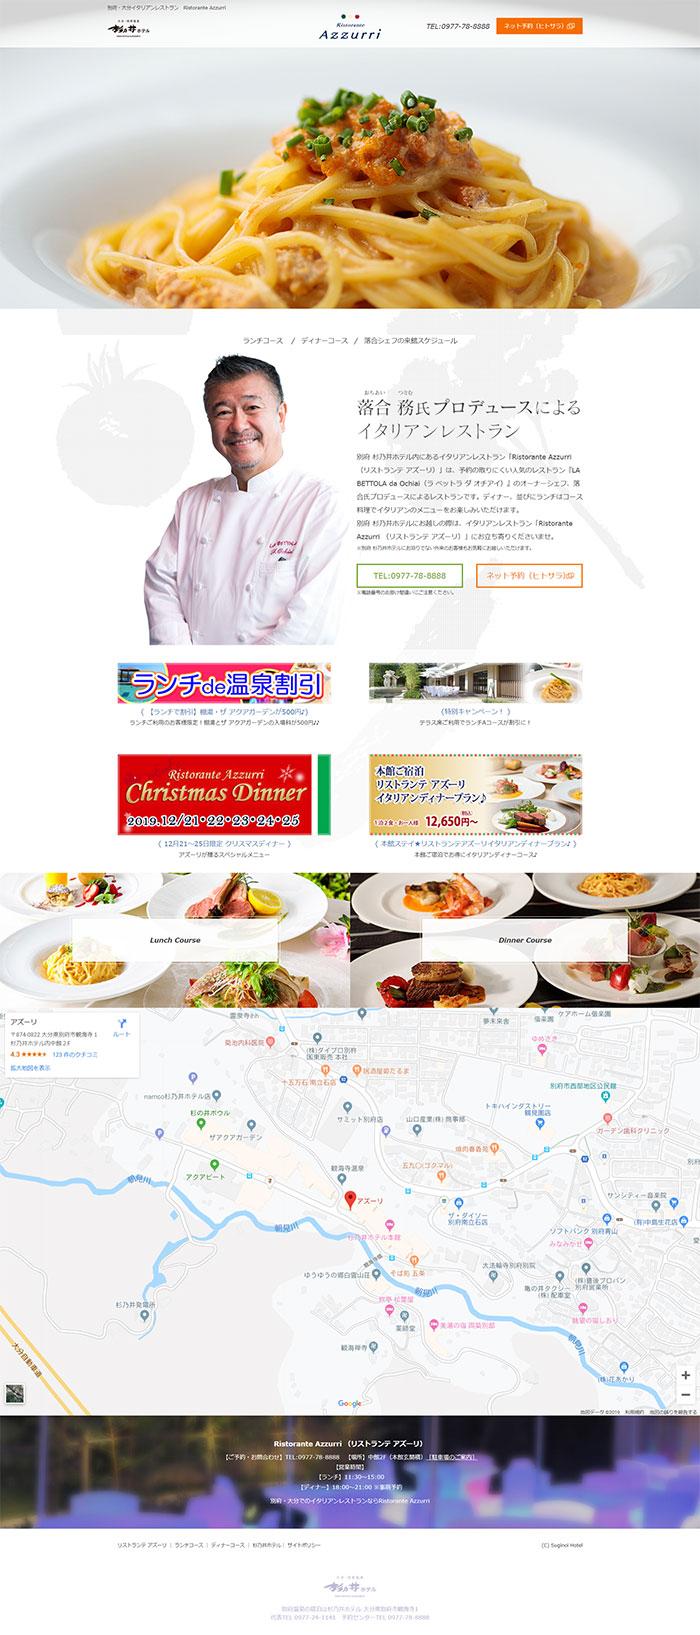 別府・大分イタリアンレストラン|別府温泉 杉乃井ホテル[公式サイト]